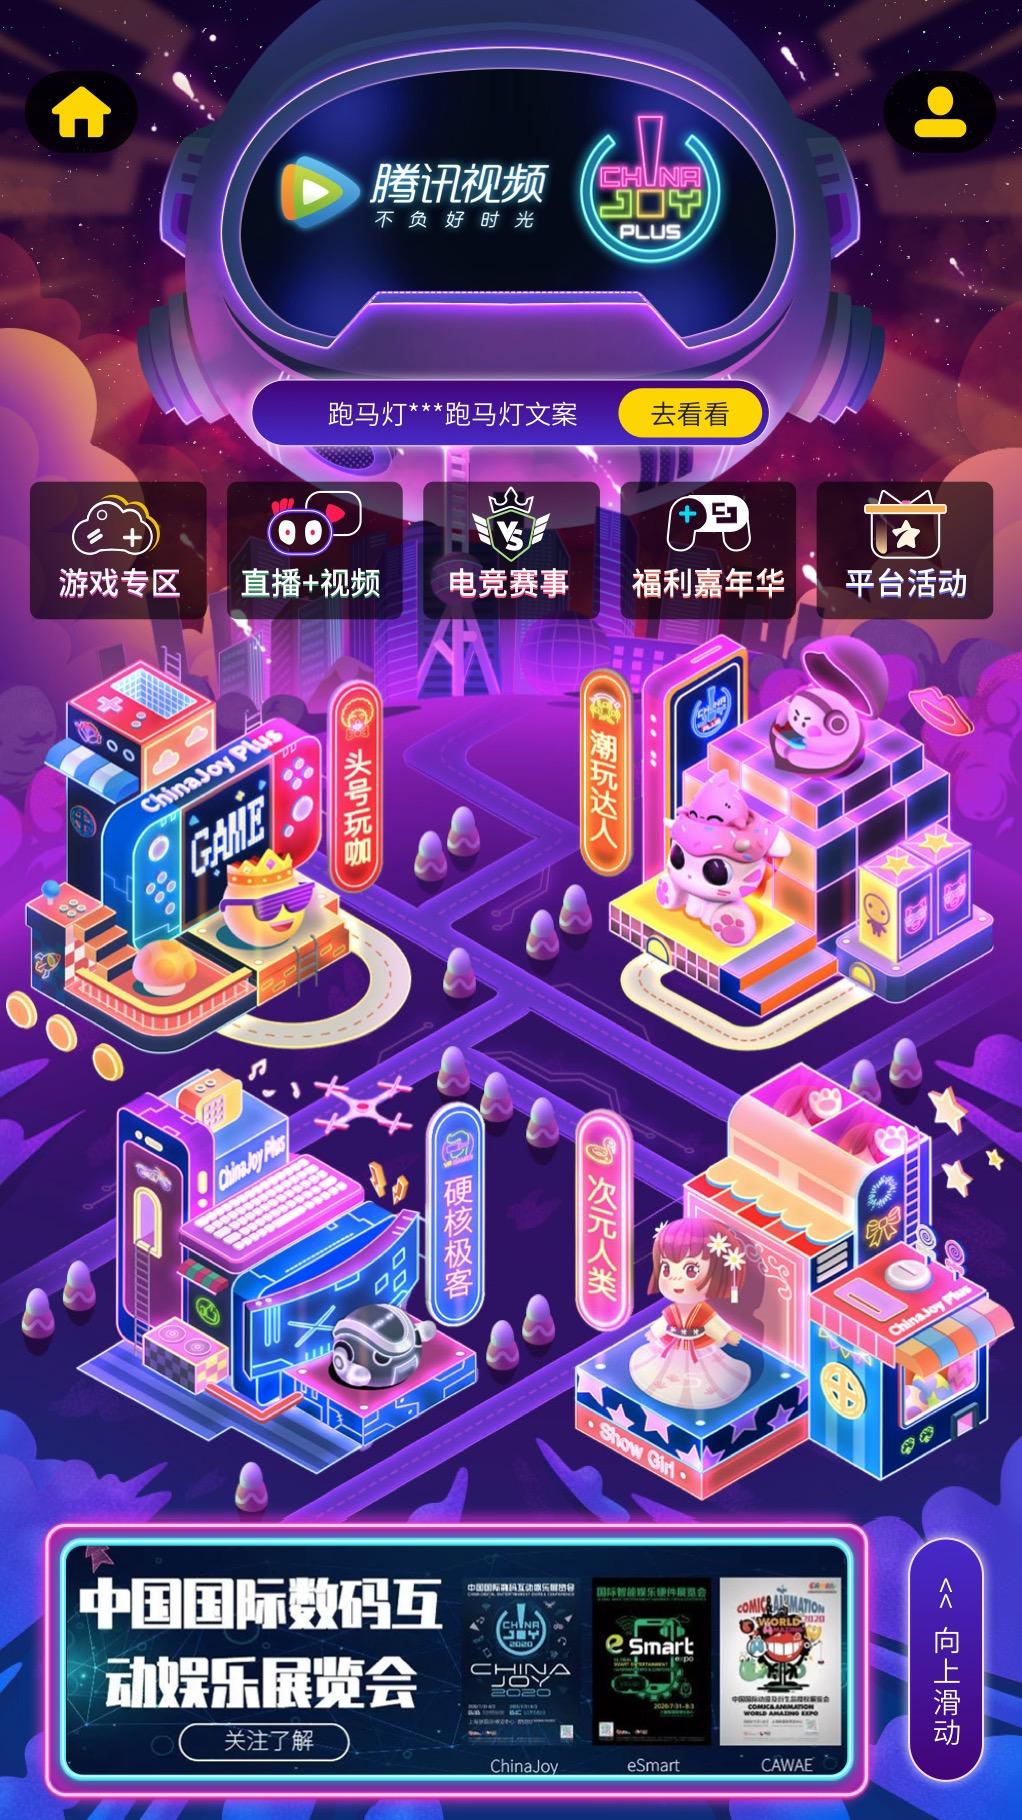 乘風破浪,強強聯手!首屆ChinaJoy Plus云展與微博達成重磅合作,迸發強勁品牌勢能!